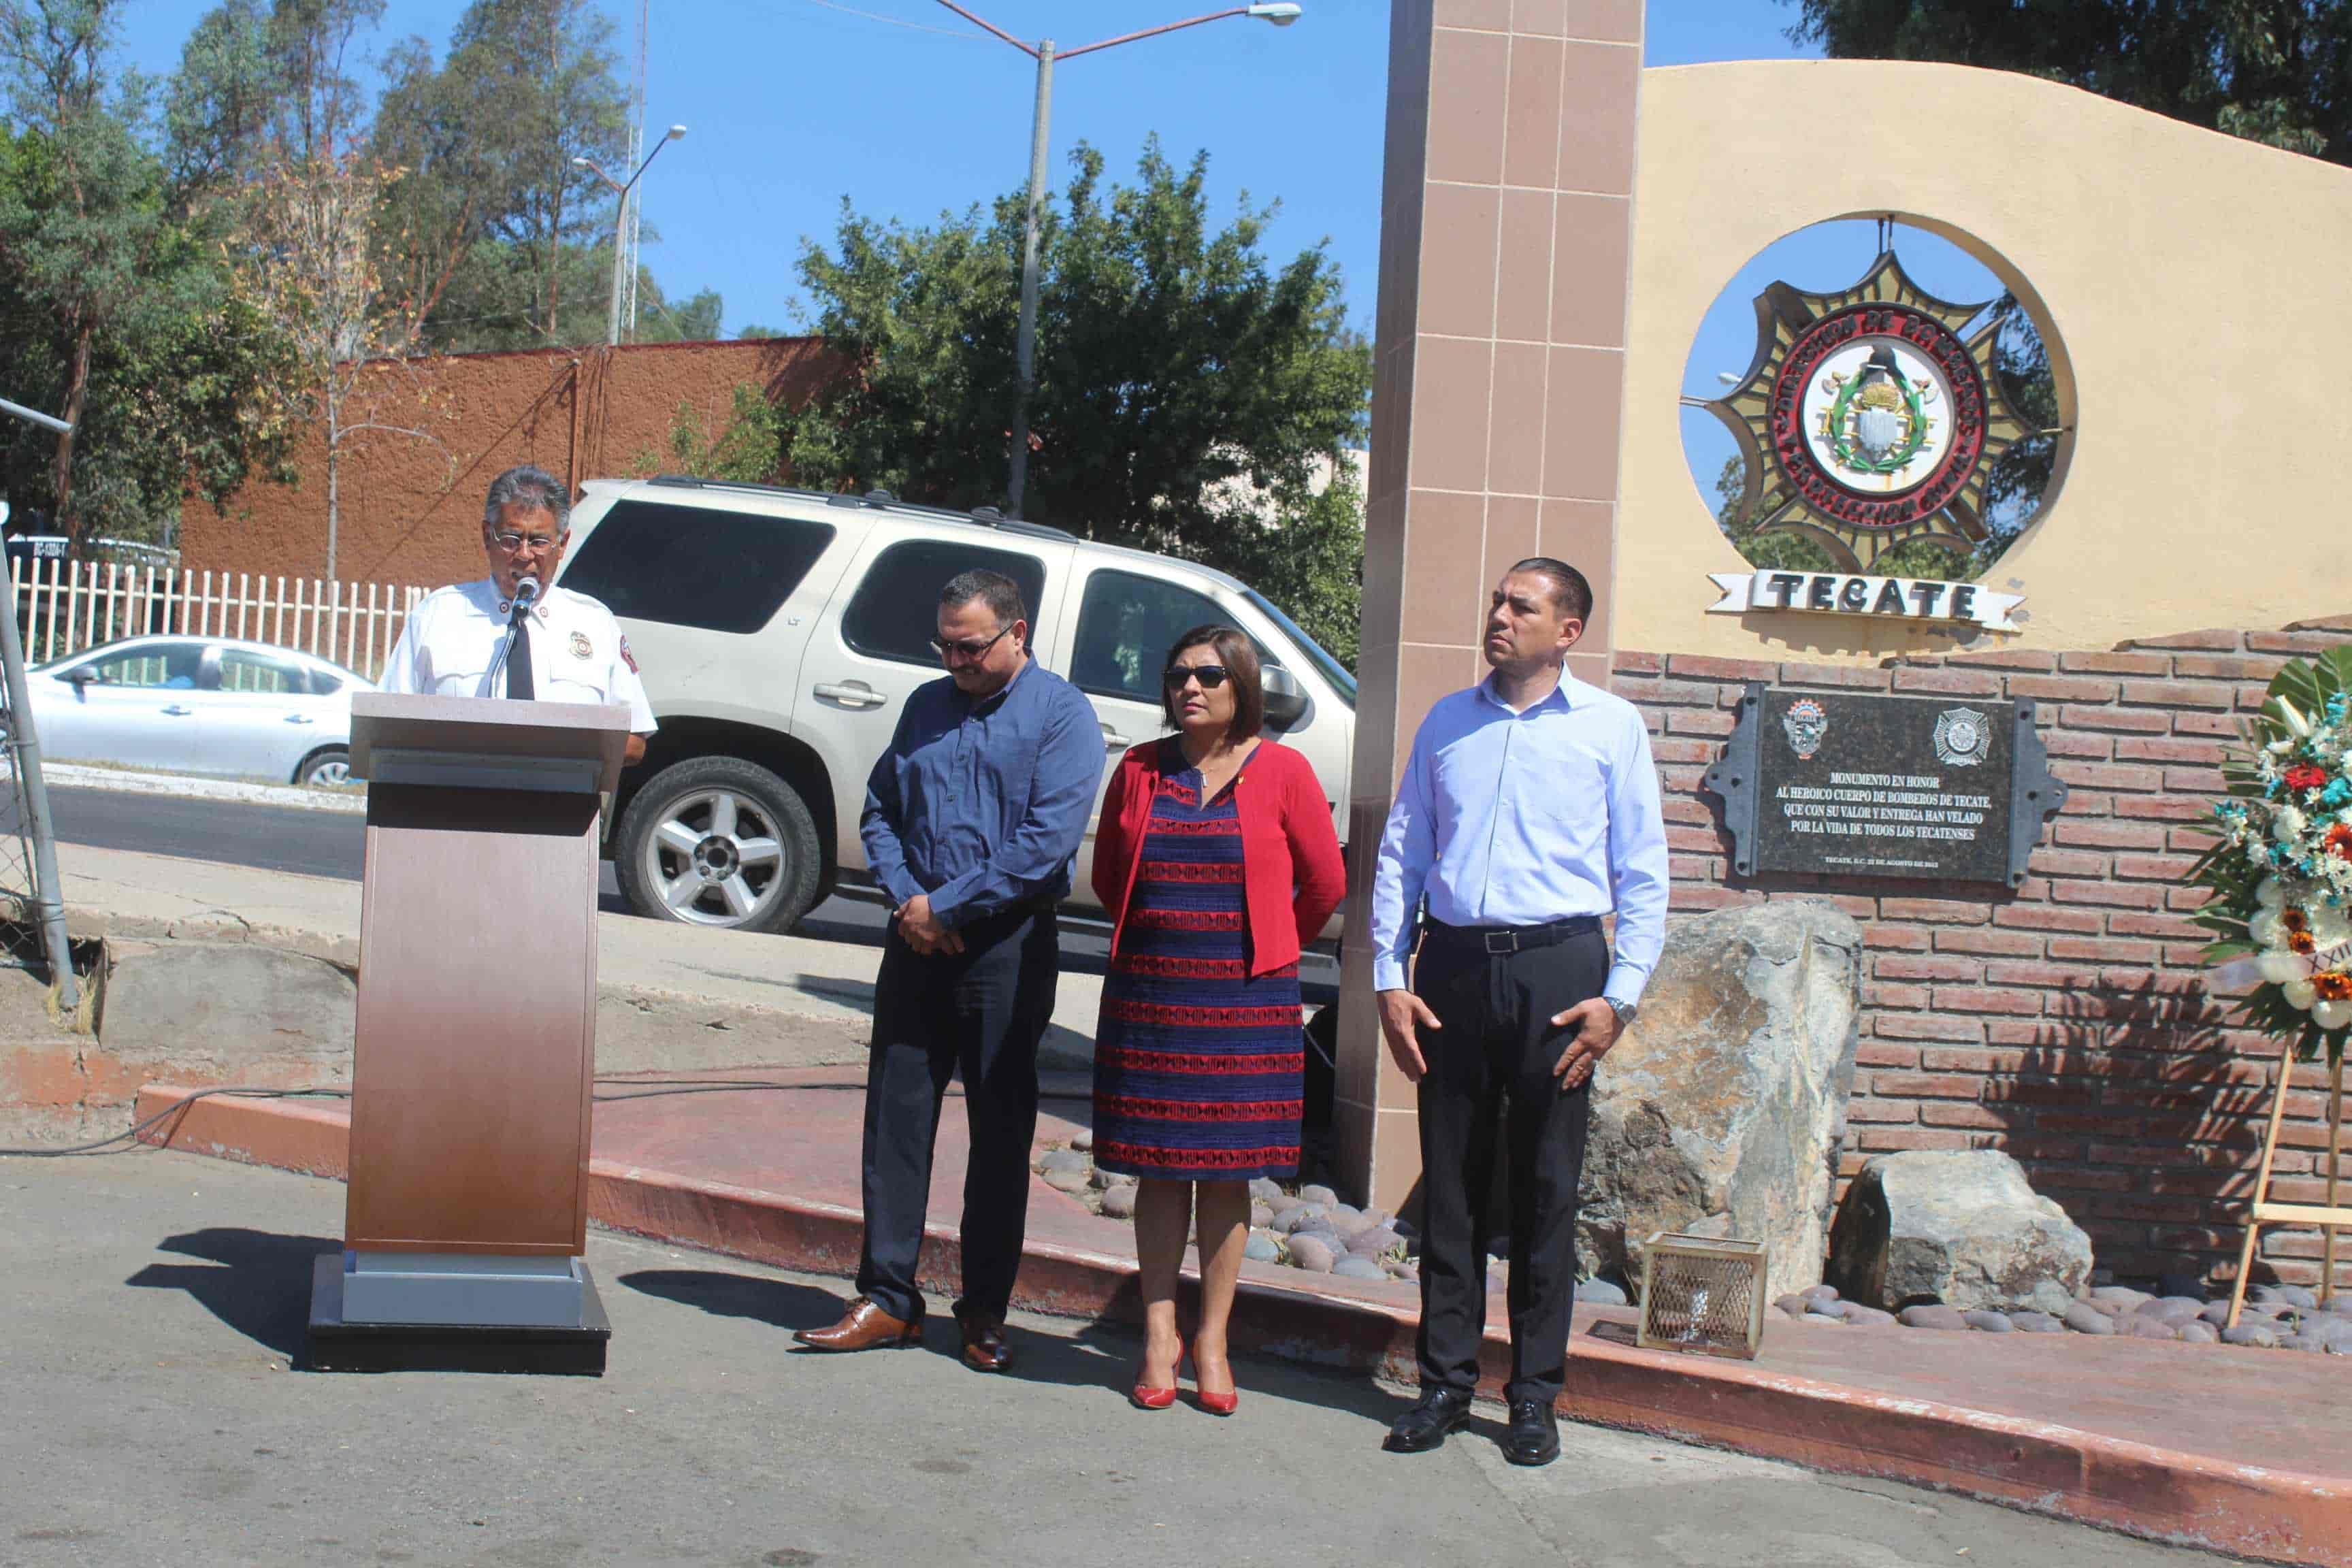 Alcaldesa Nereida Fuentes preside Ceremonia del Día del Bombero